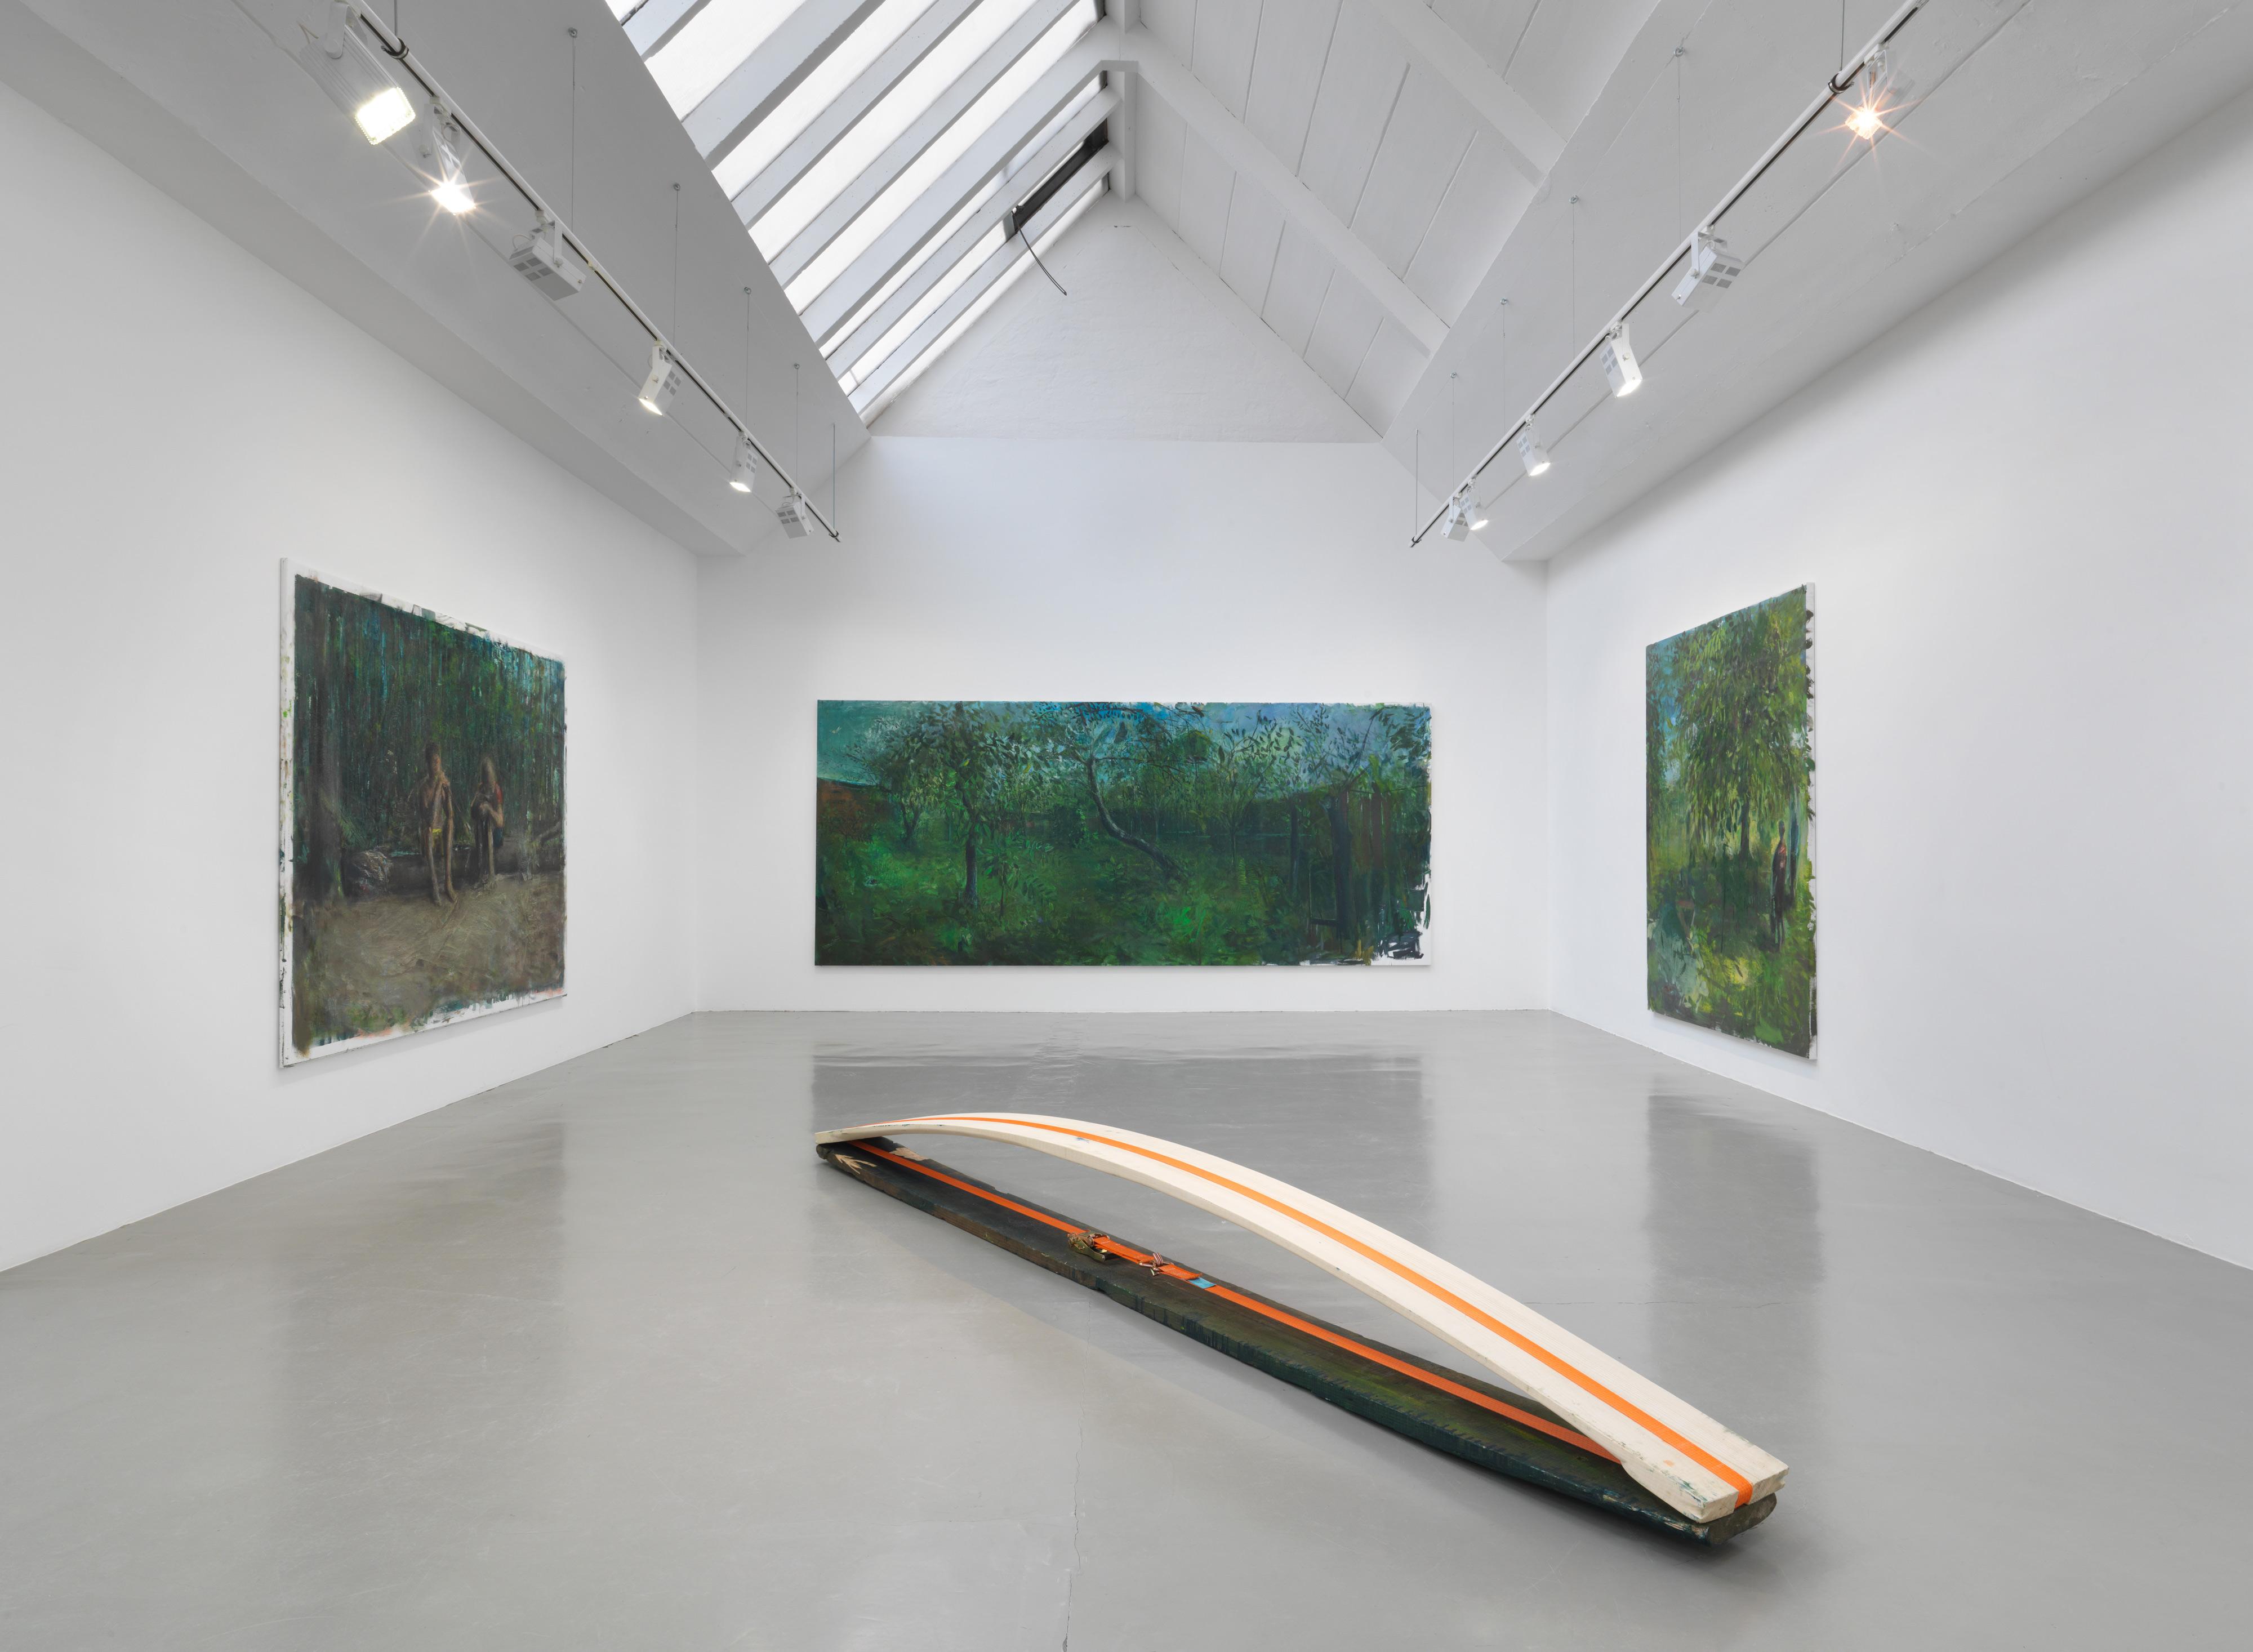 Galerie Barbara Thumm \ Simon Cantemir Hausì